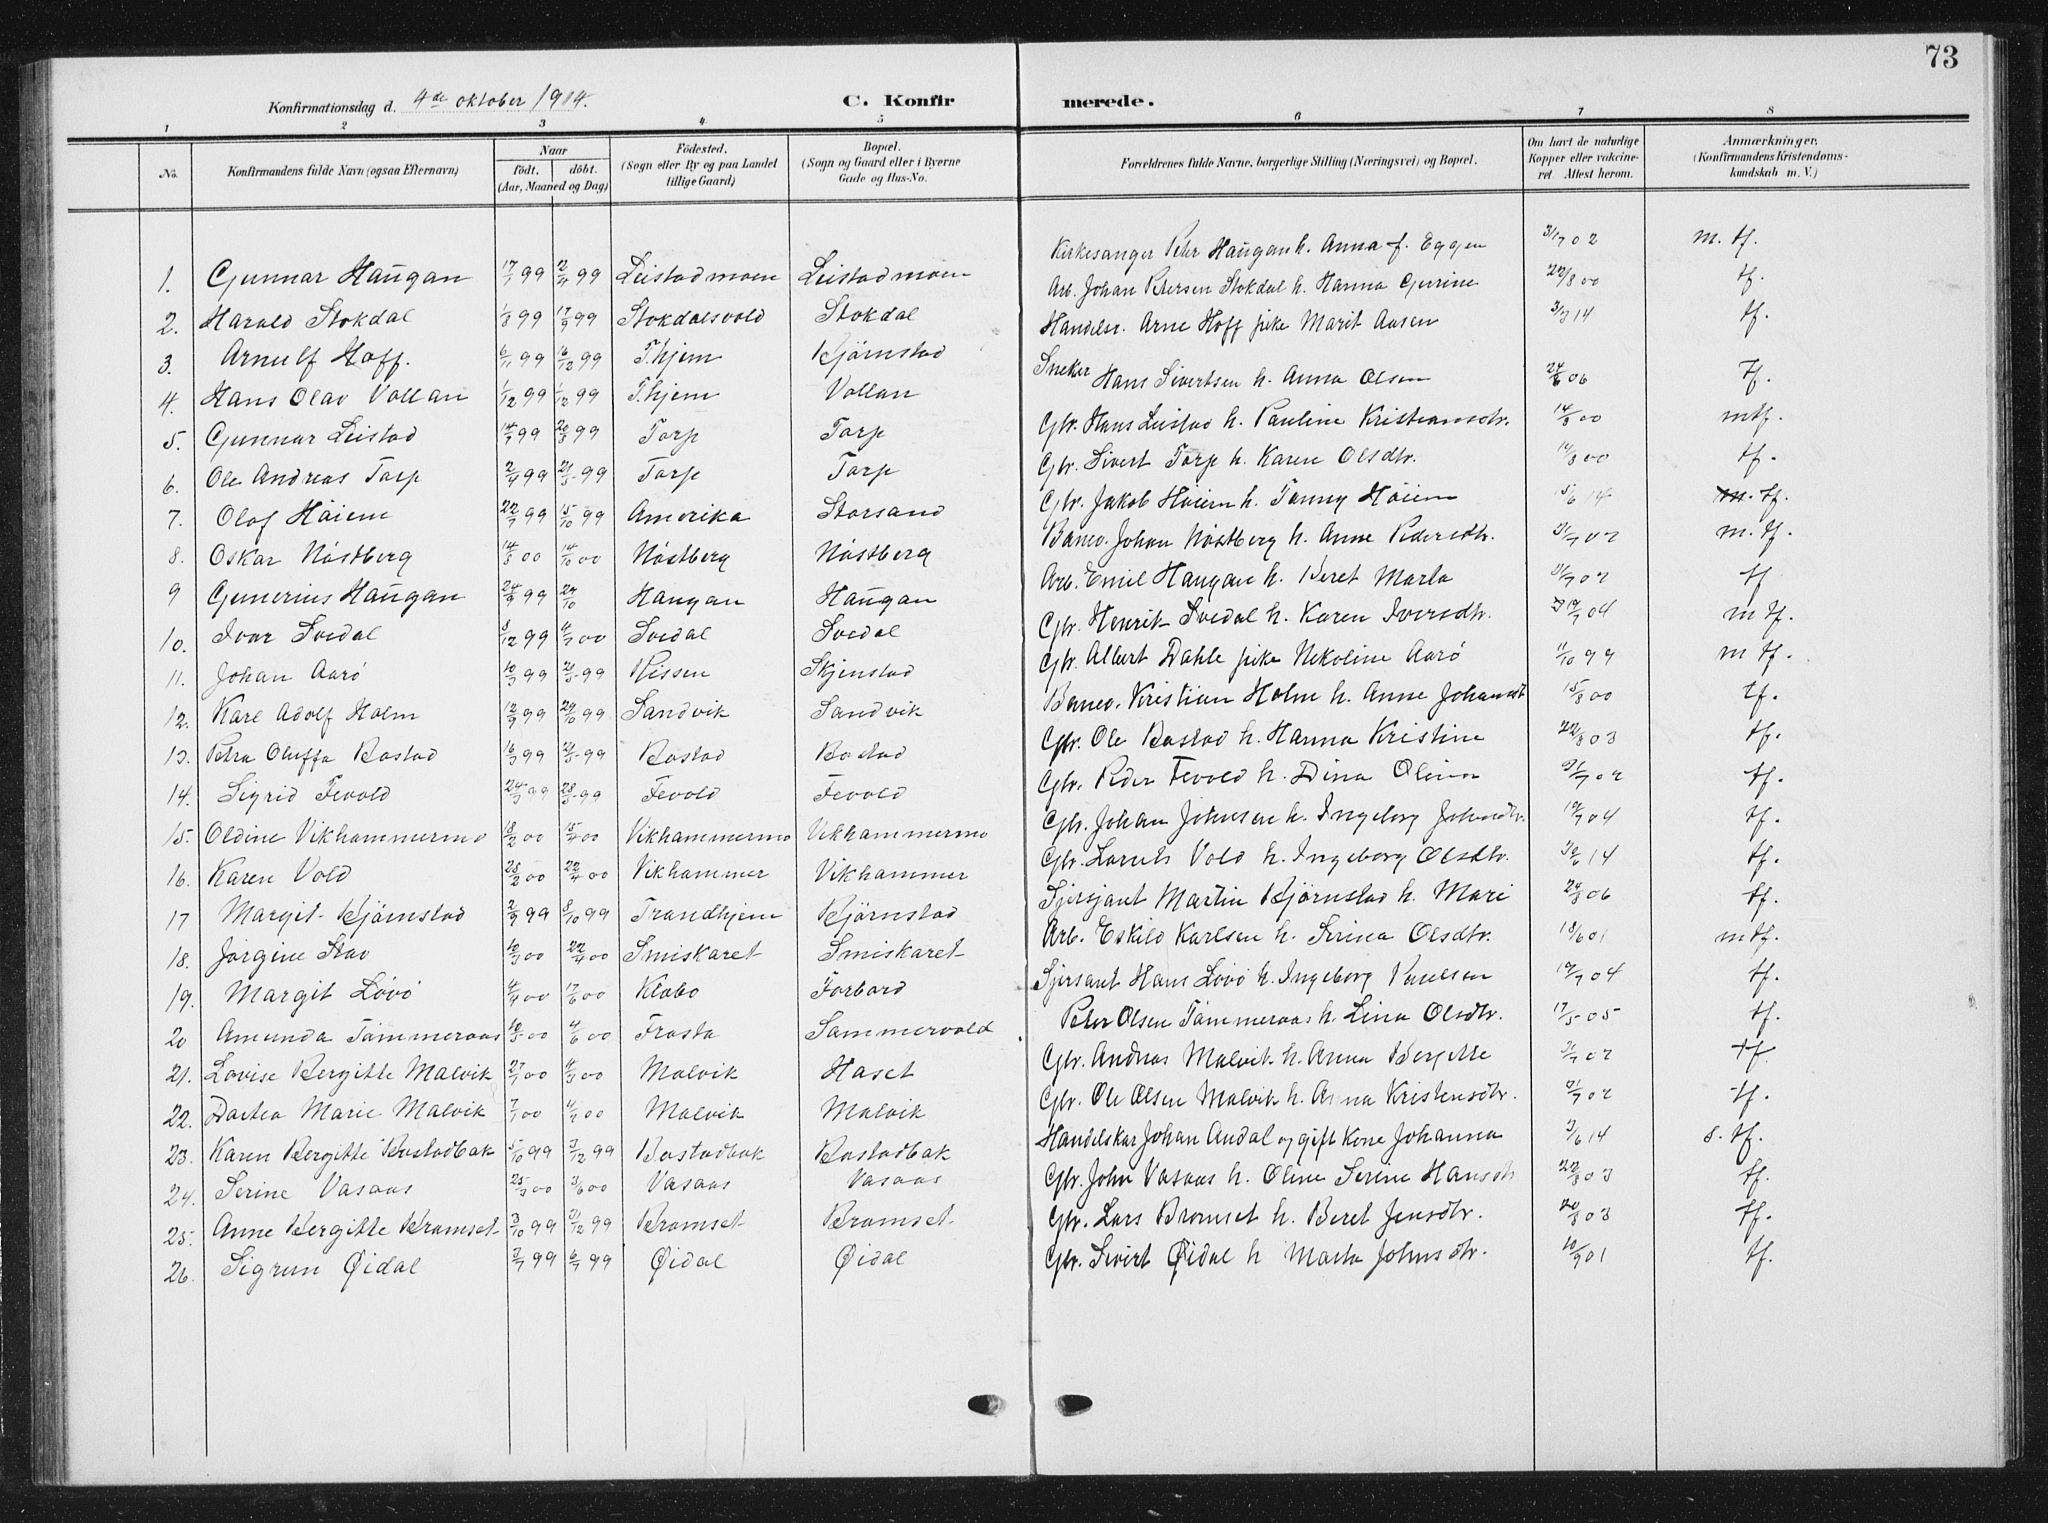 SAT, Ministerialprotokoller, klokkerbøker og fødselsregistre - Sør-Trøndelag, 616/L0424: Klokkerbok nr. 616C07, 1904-1940, s. 73